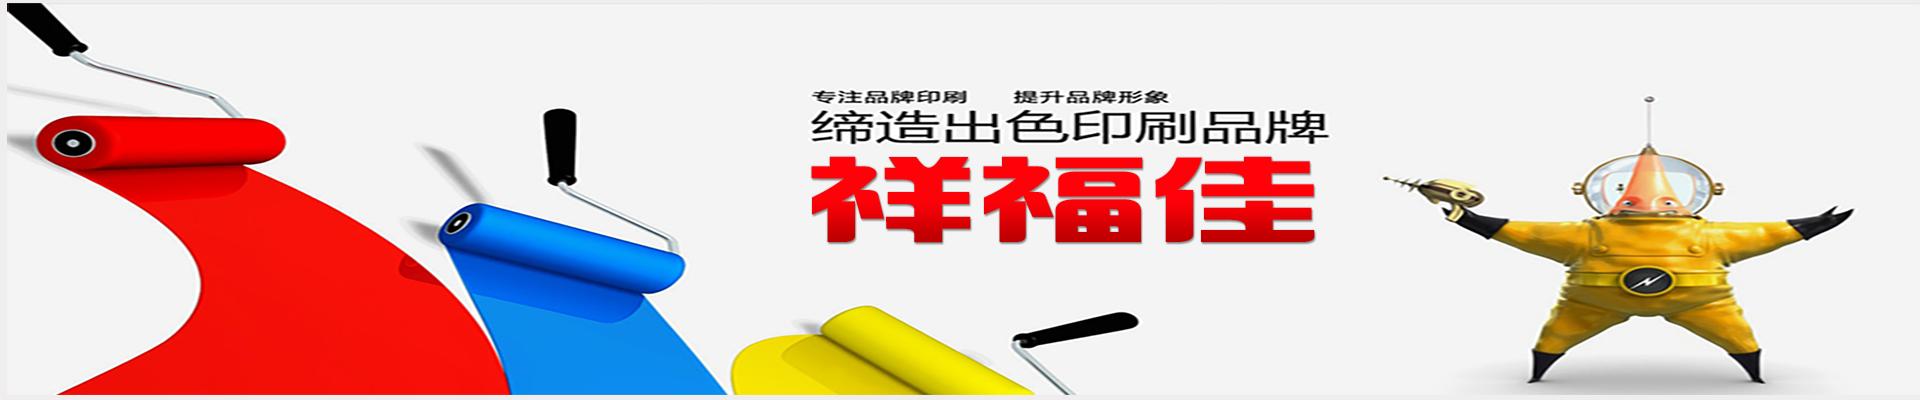 深圳市祥福佳包装制品有限公司